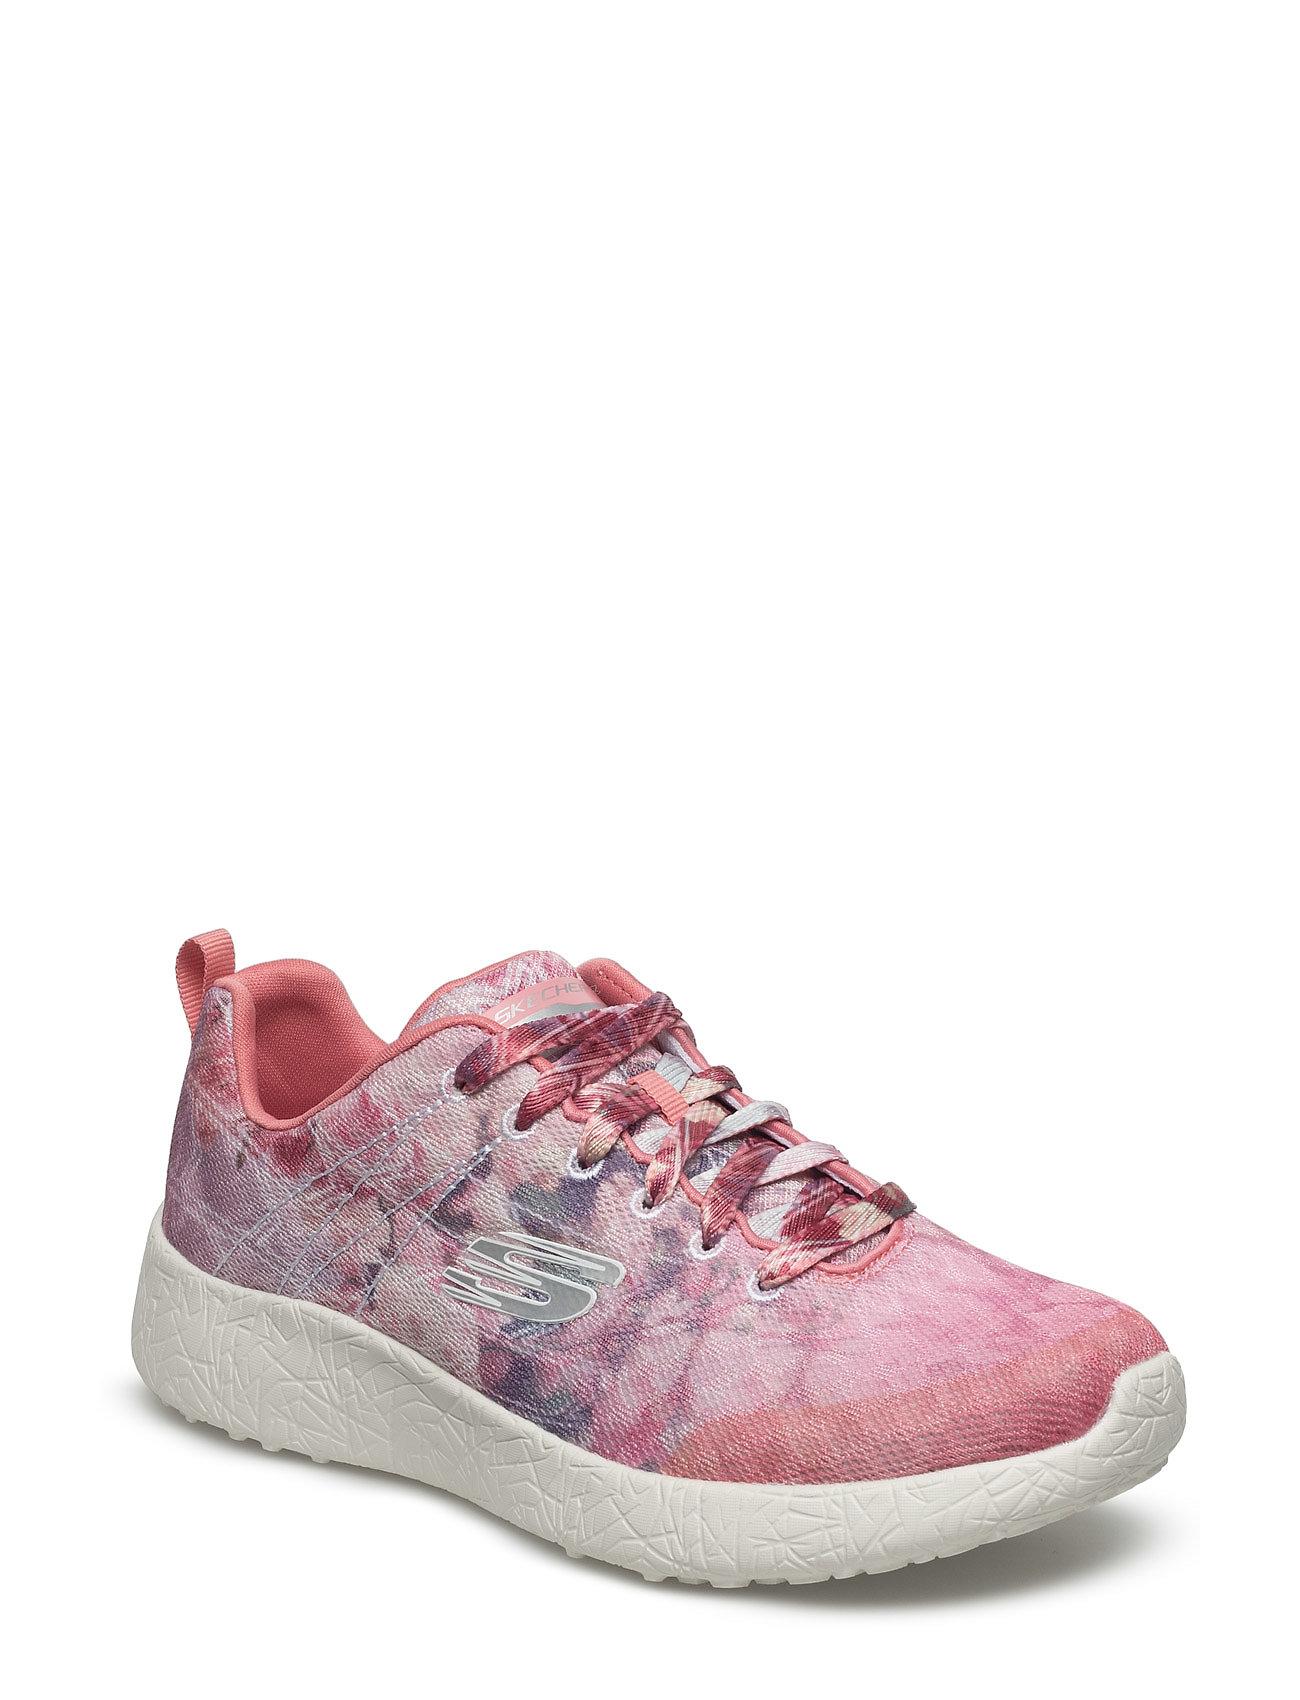 Womans Burst - Midnight Garden Skechers Sneakers til Damer i